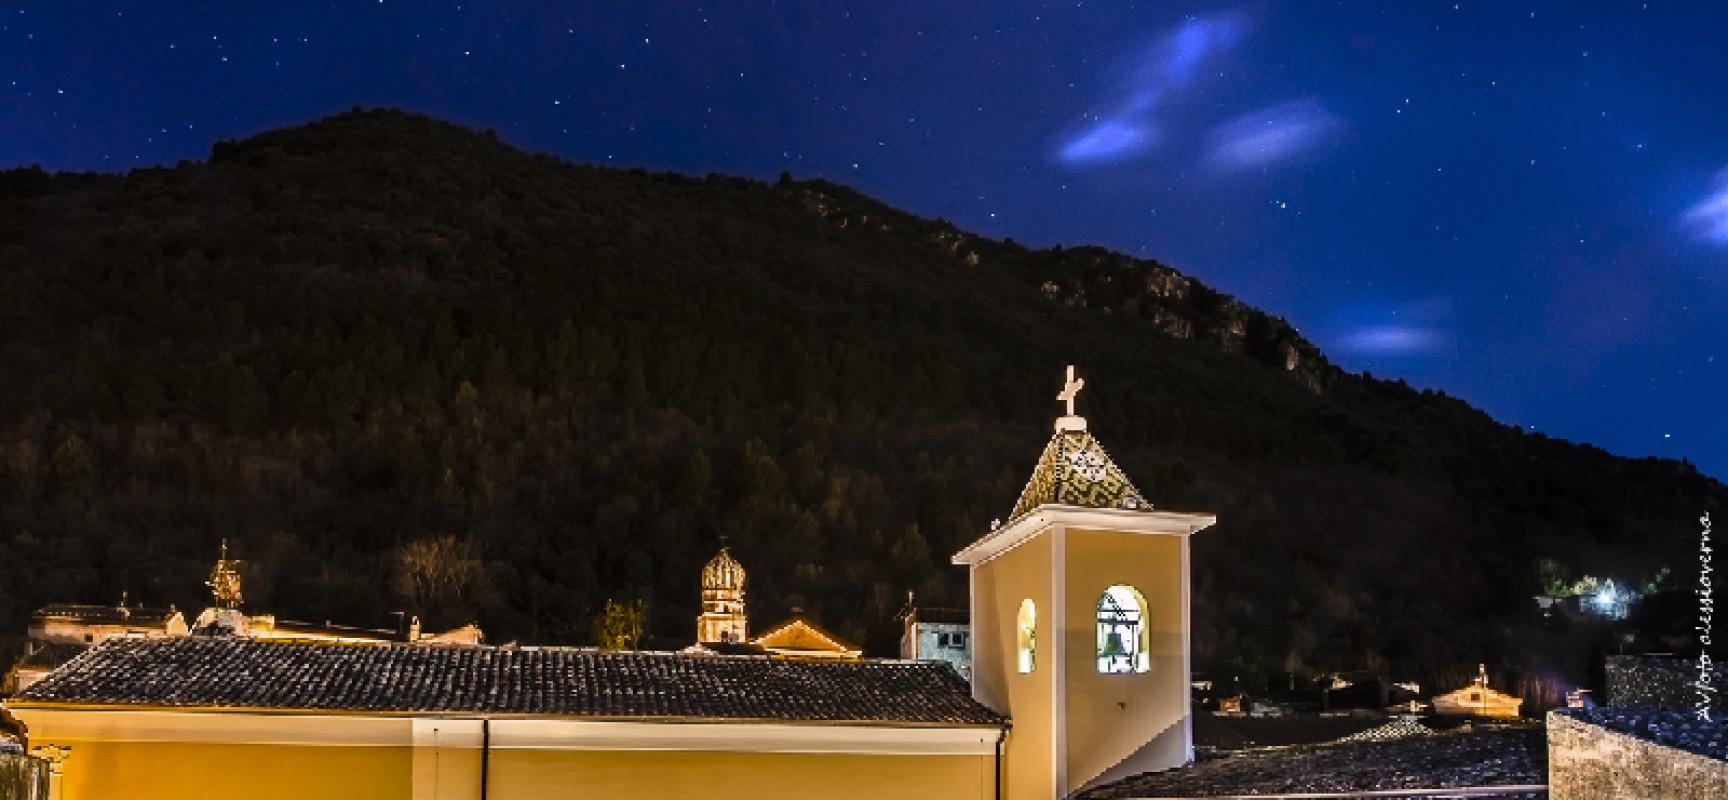 Natale 2015, San Lorenzello si illumina di immenso